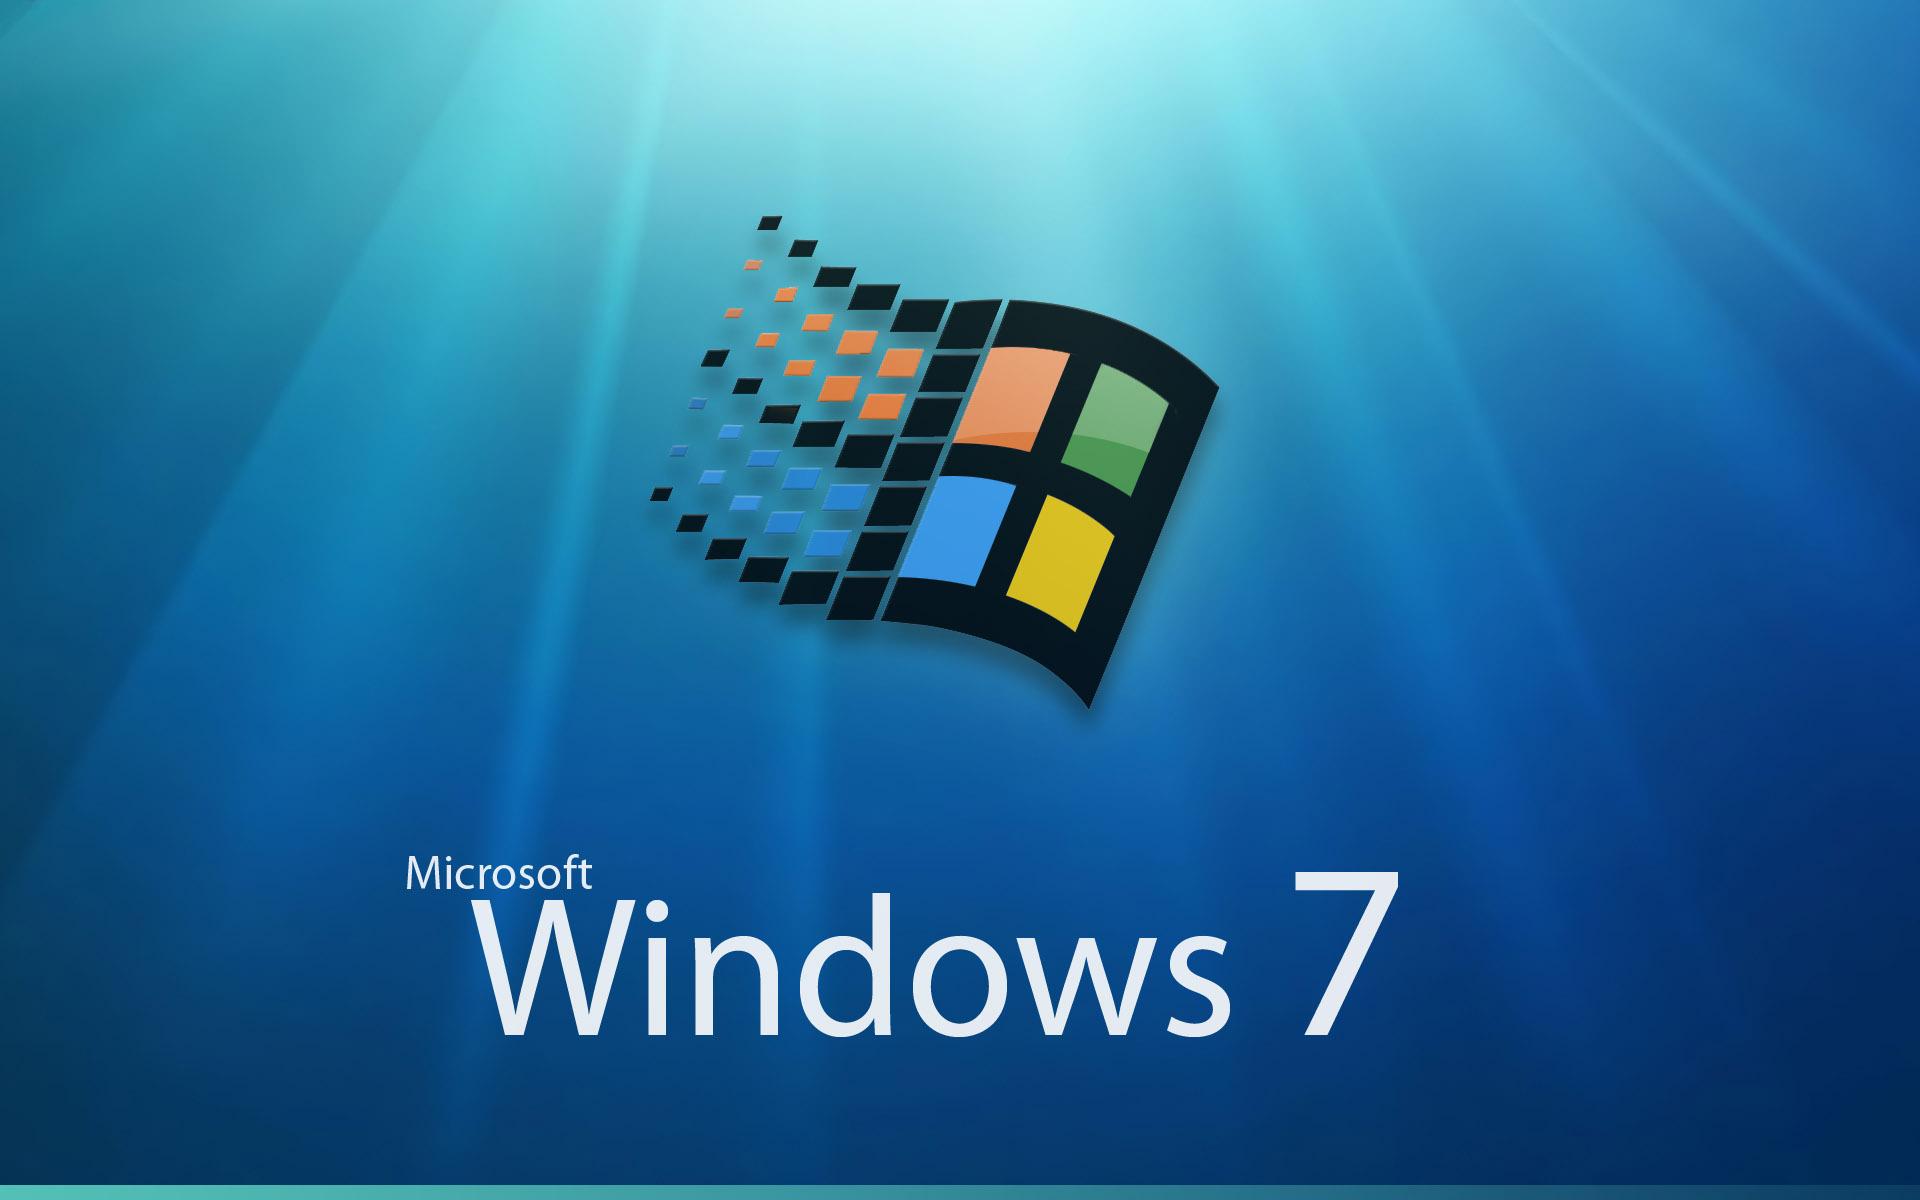 Mejores aplicaciones Windows 7 1